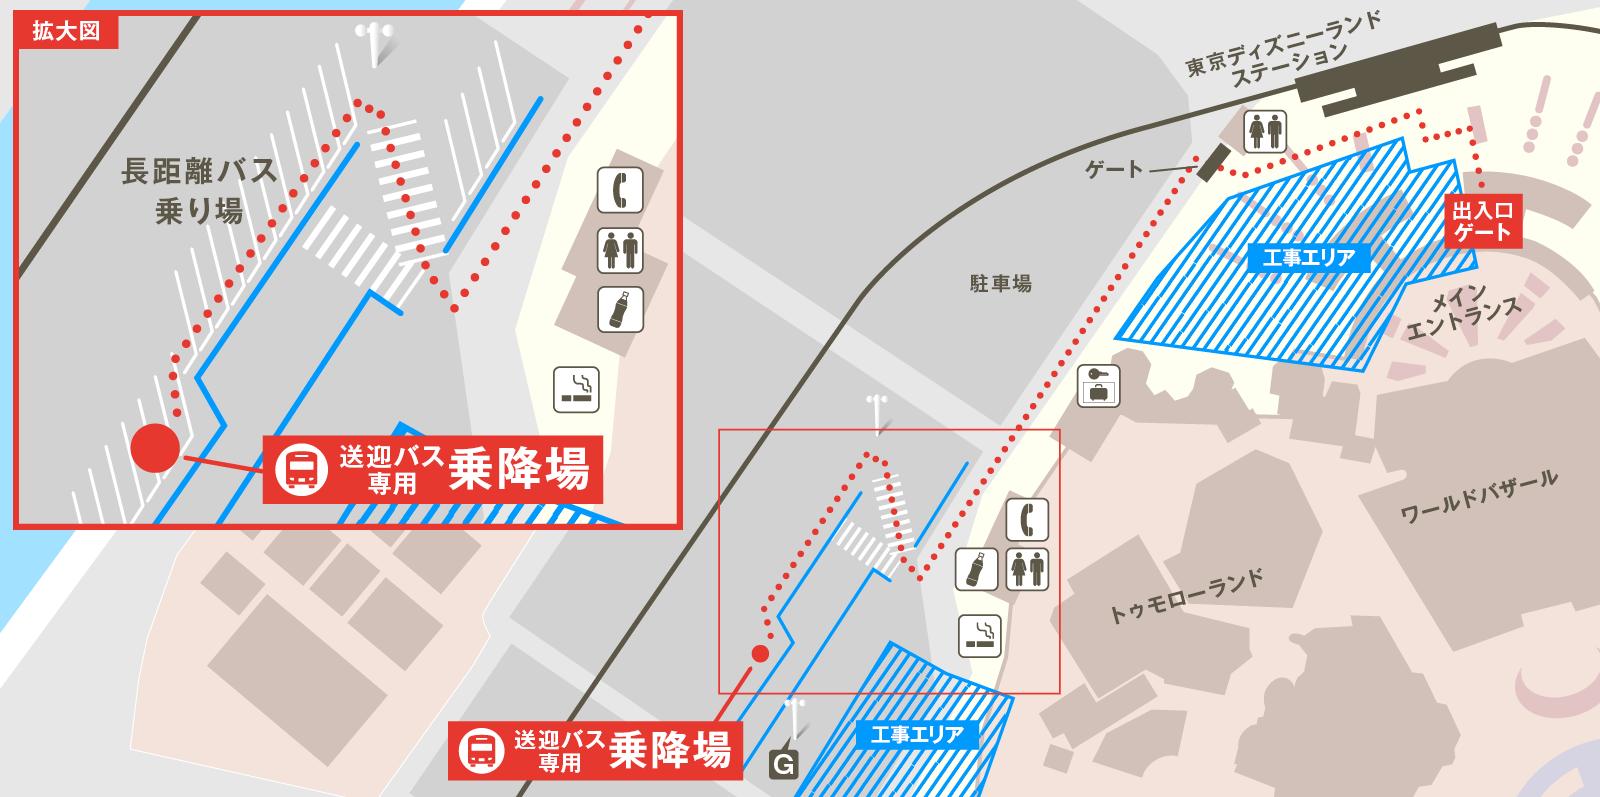 東京ディズニーランド無料シャトルバス乗り場